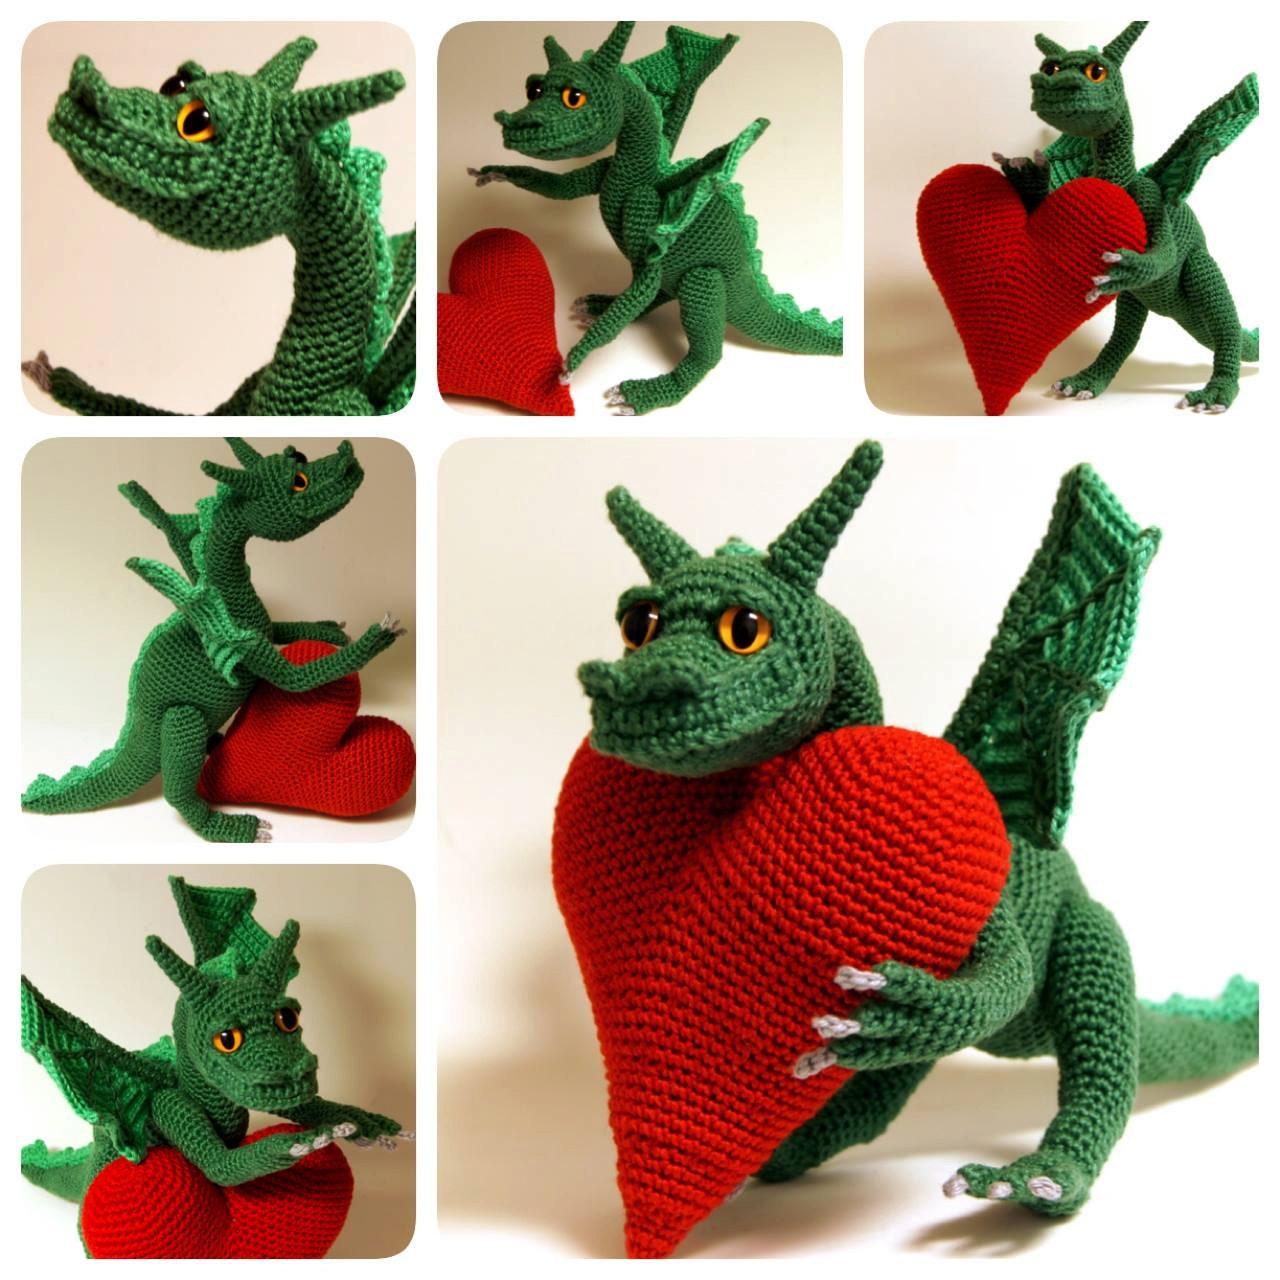 Free Crochet Stuffed Dragon Pattern : Crochet dragon crochet fantasy amigurumi dragon Dragon of